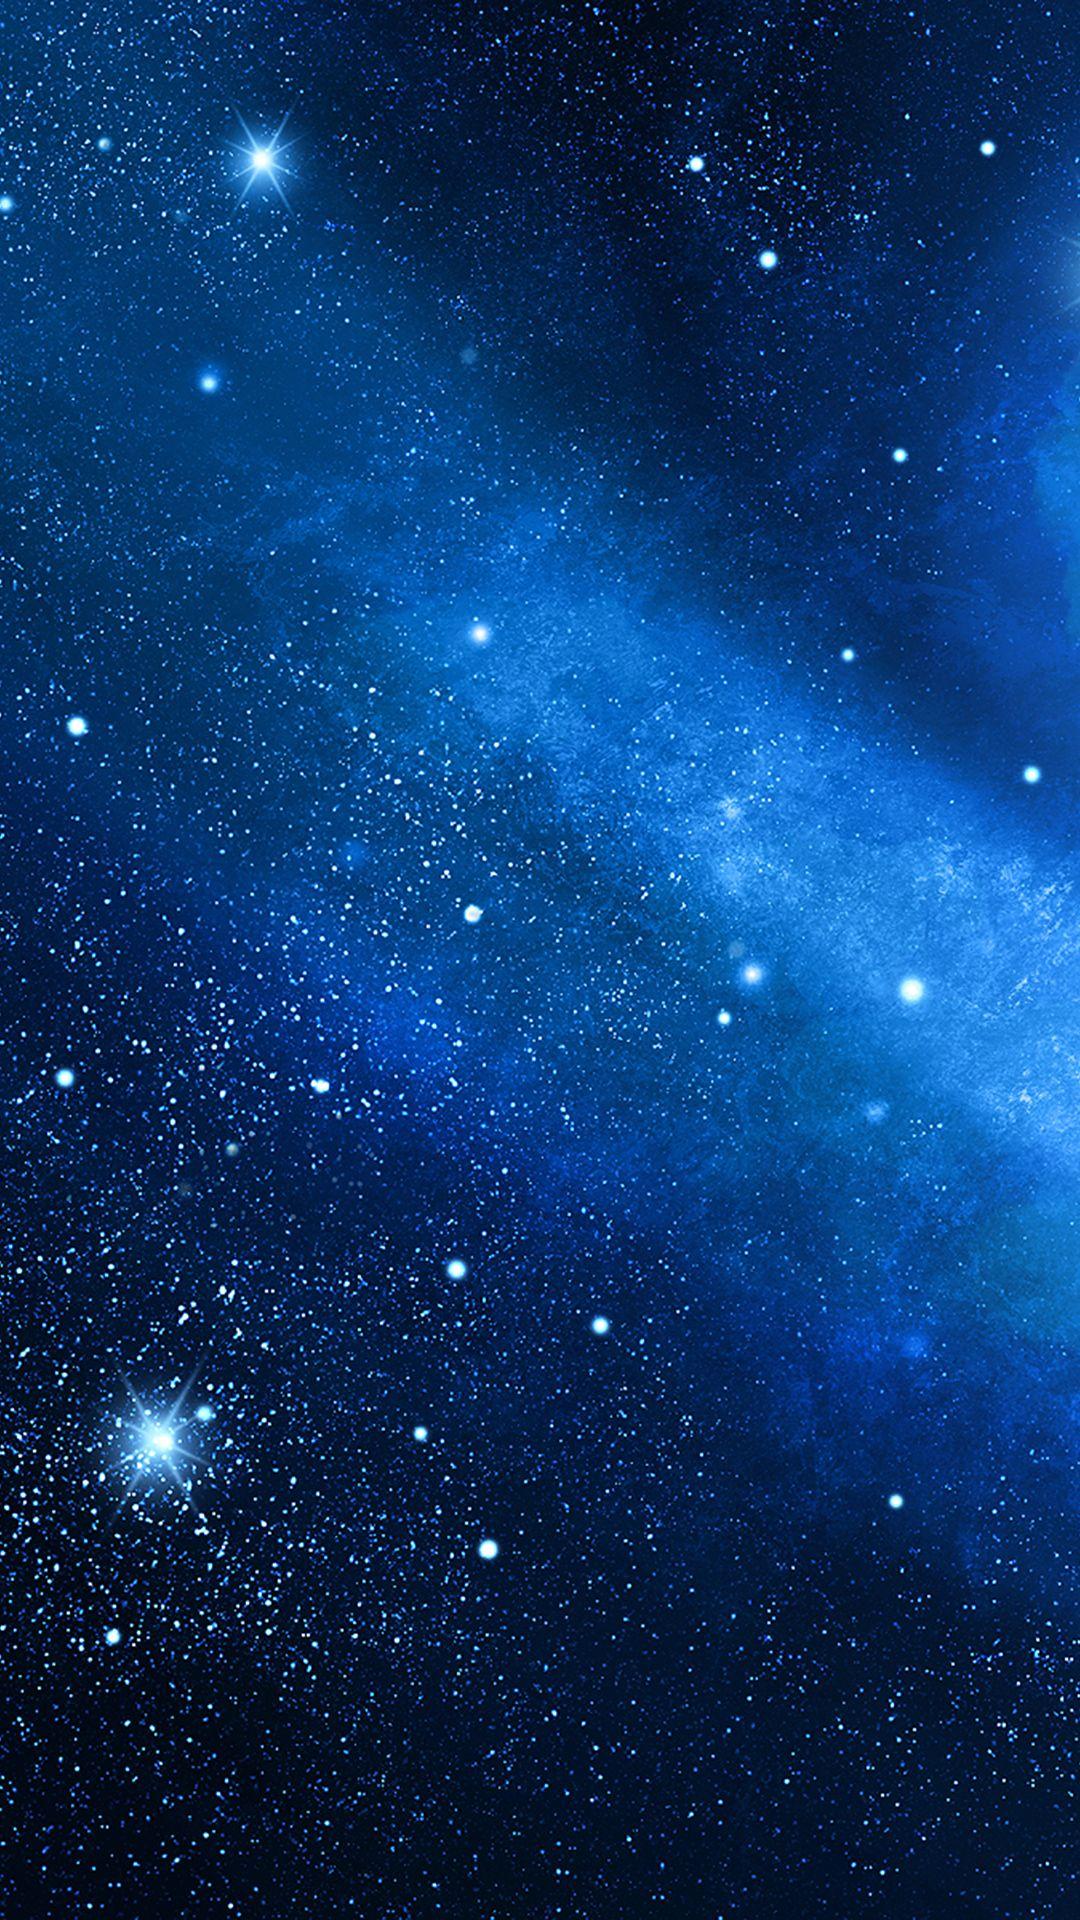 Iphone Ios 7 Wallpaper Tumblr For Ipad Galaxy Wallpaper Hd Galaxy Wallpaper Blue Wallpaper Iphone